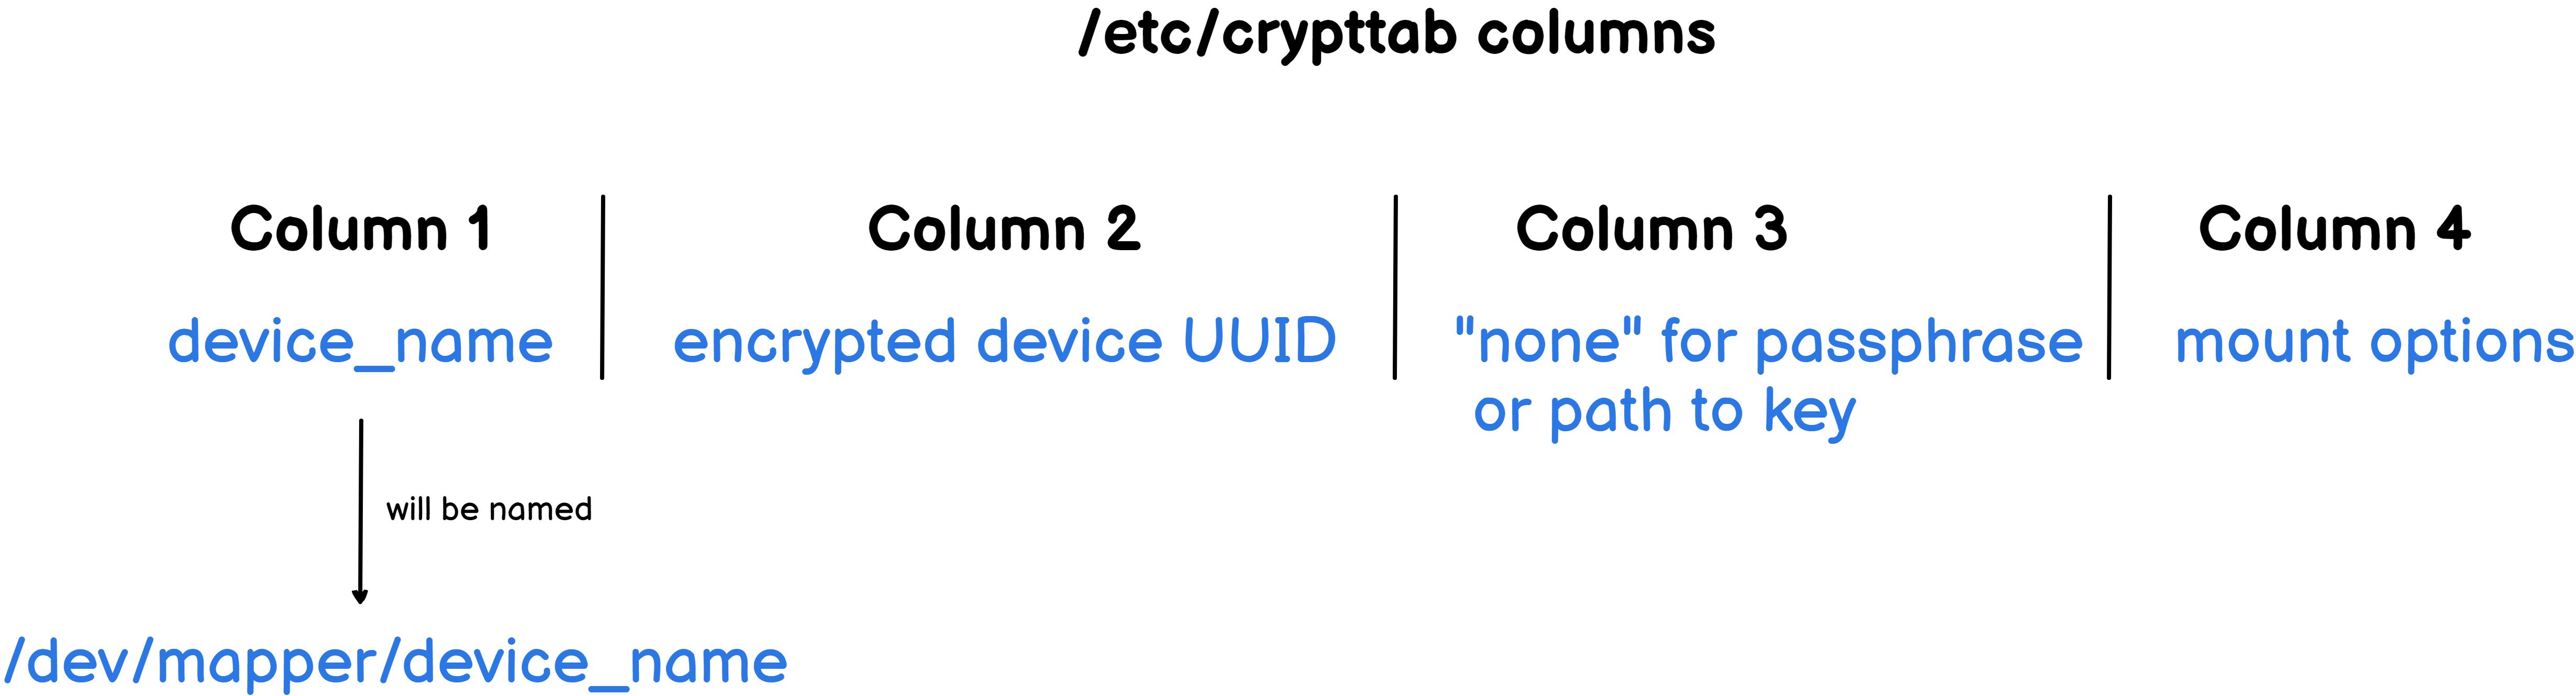 crypttab columns